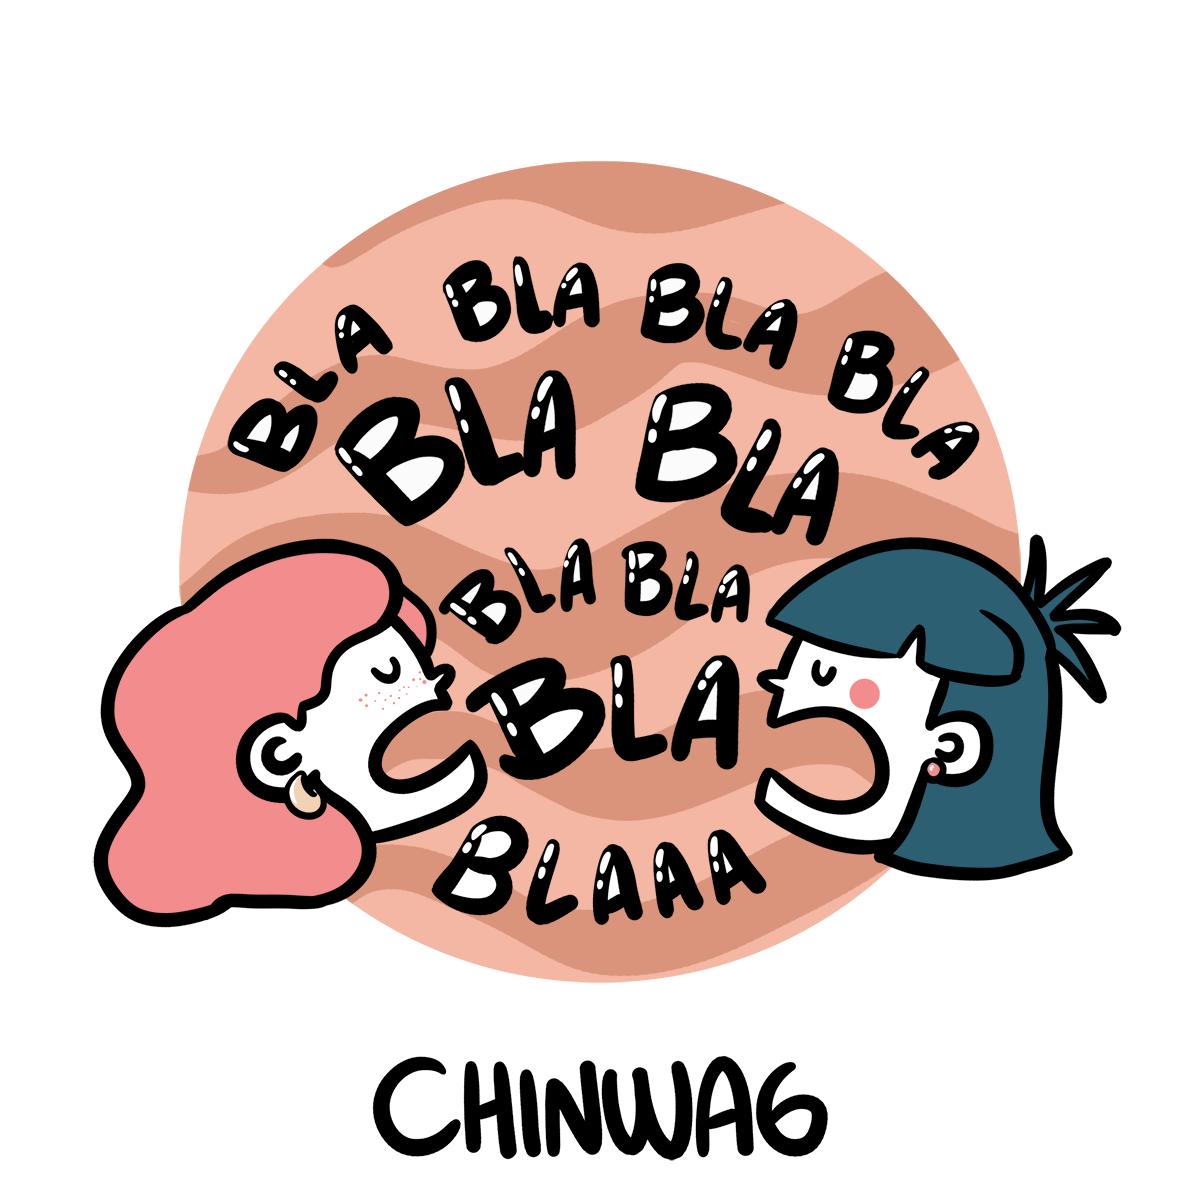 slang inglese chinwag